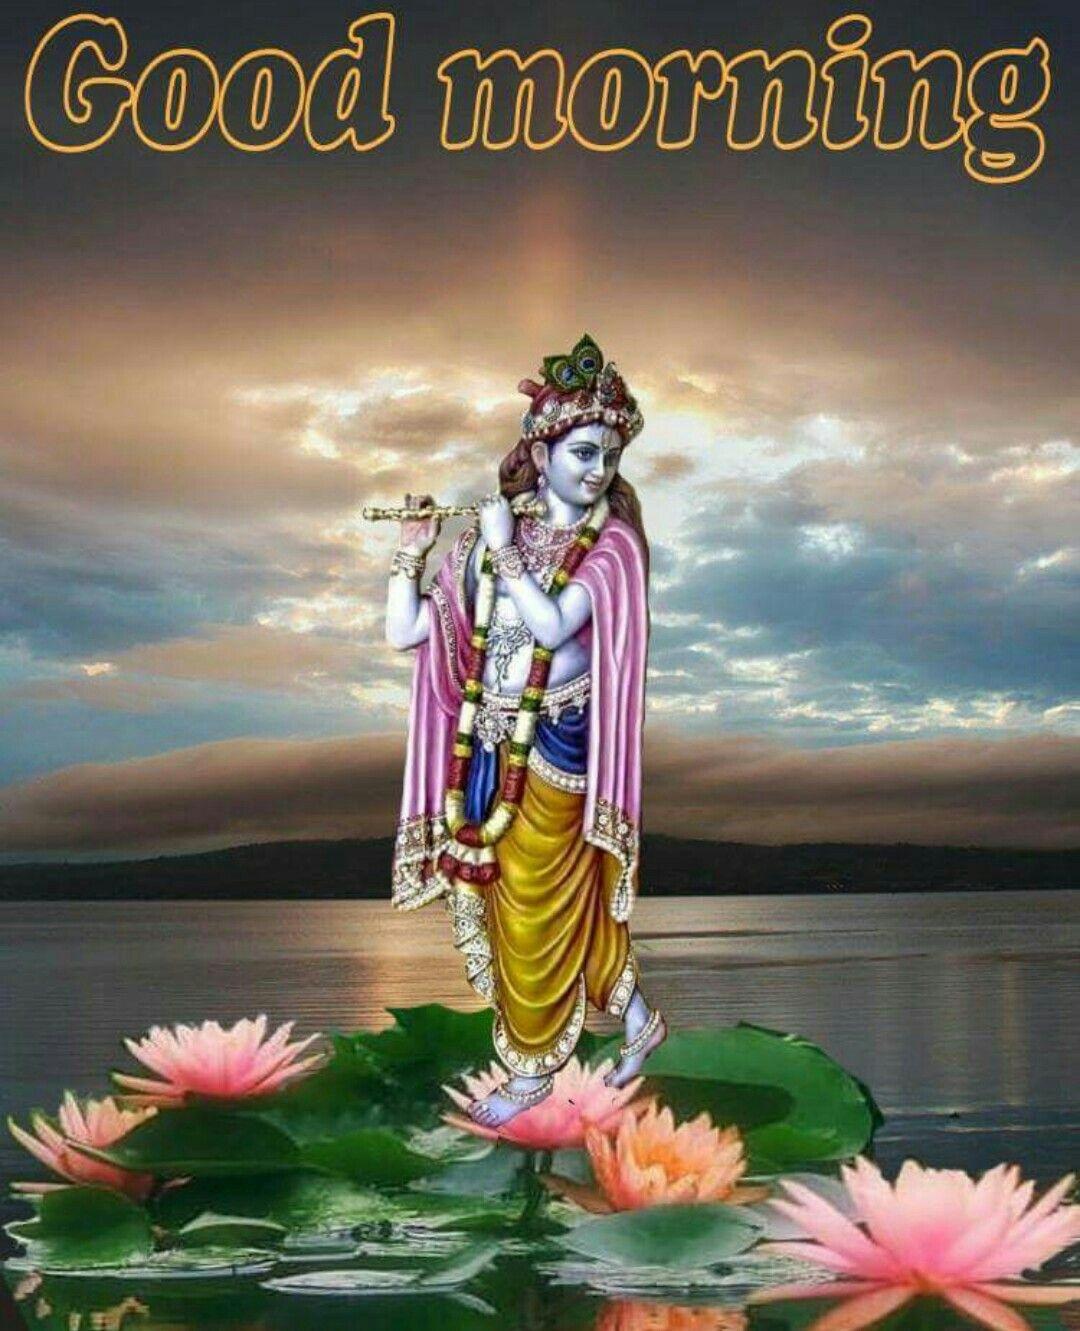 Satrughana Marning Morning Greeting Good Morning Quotes Good